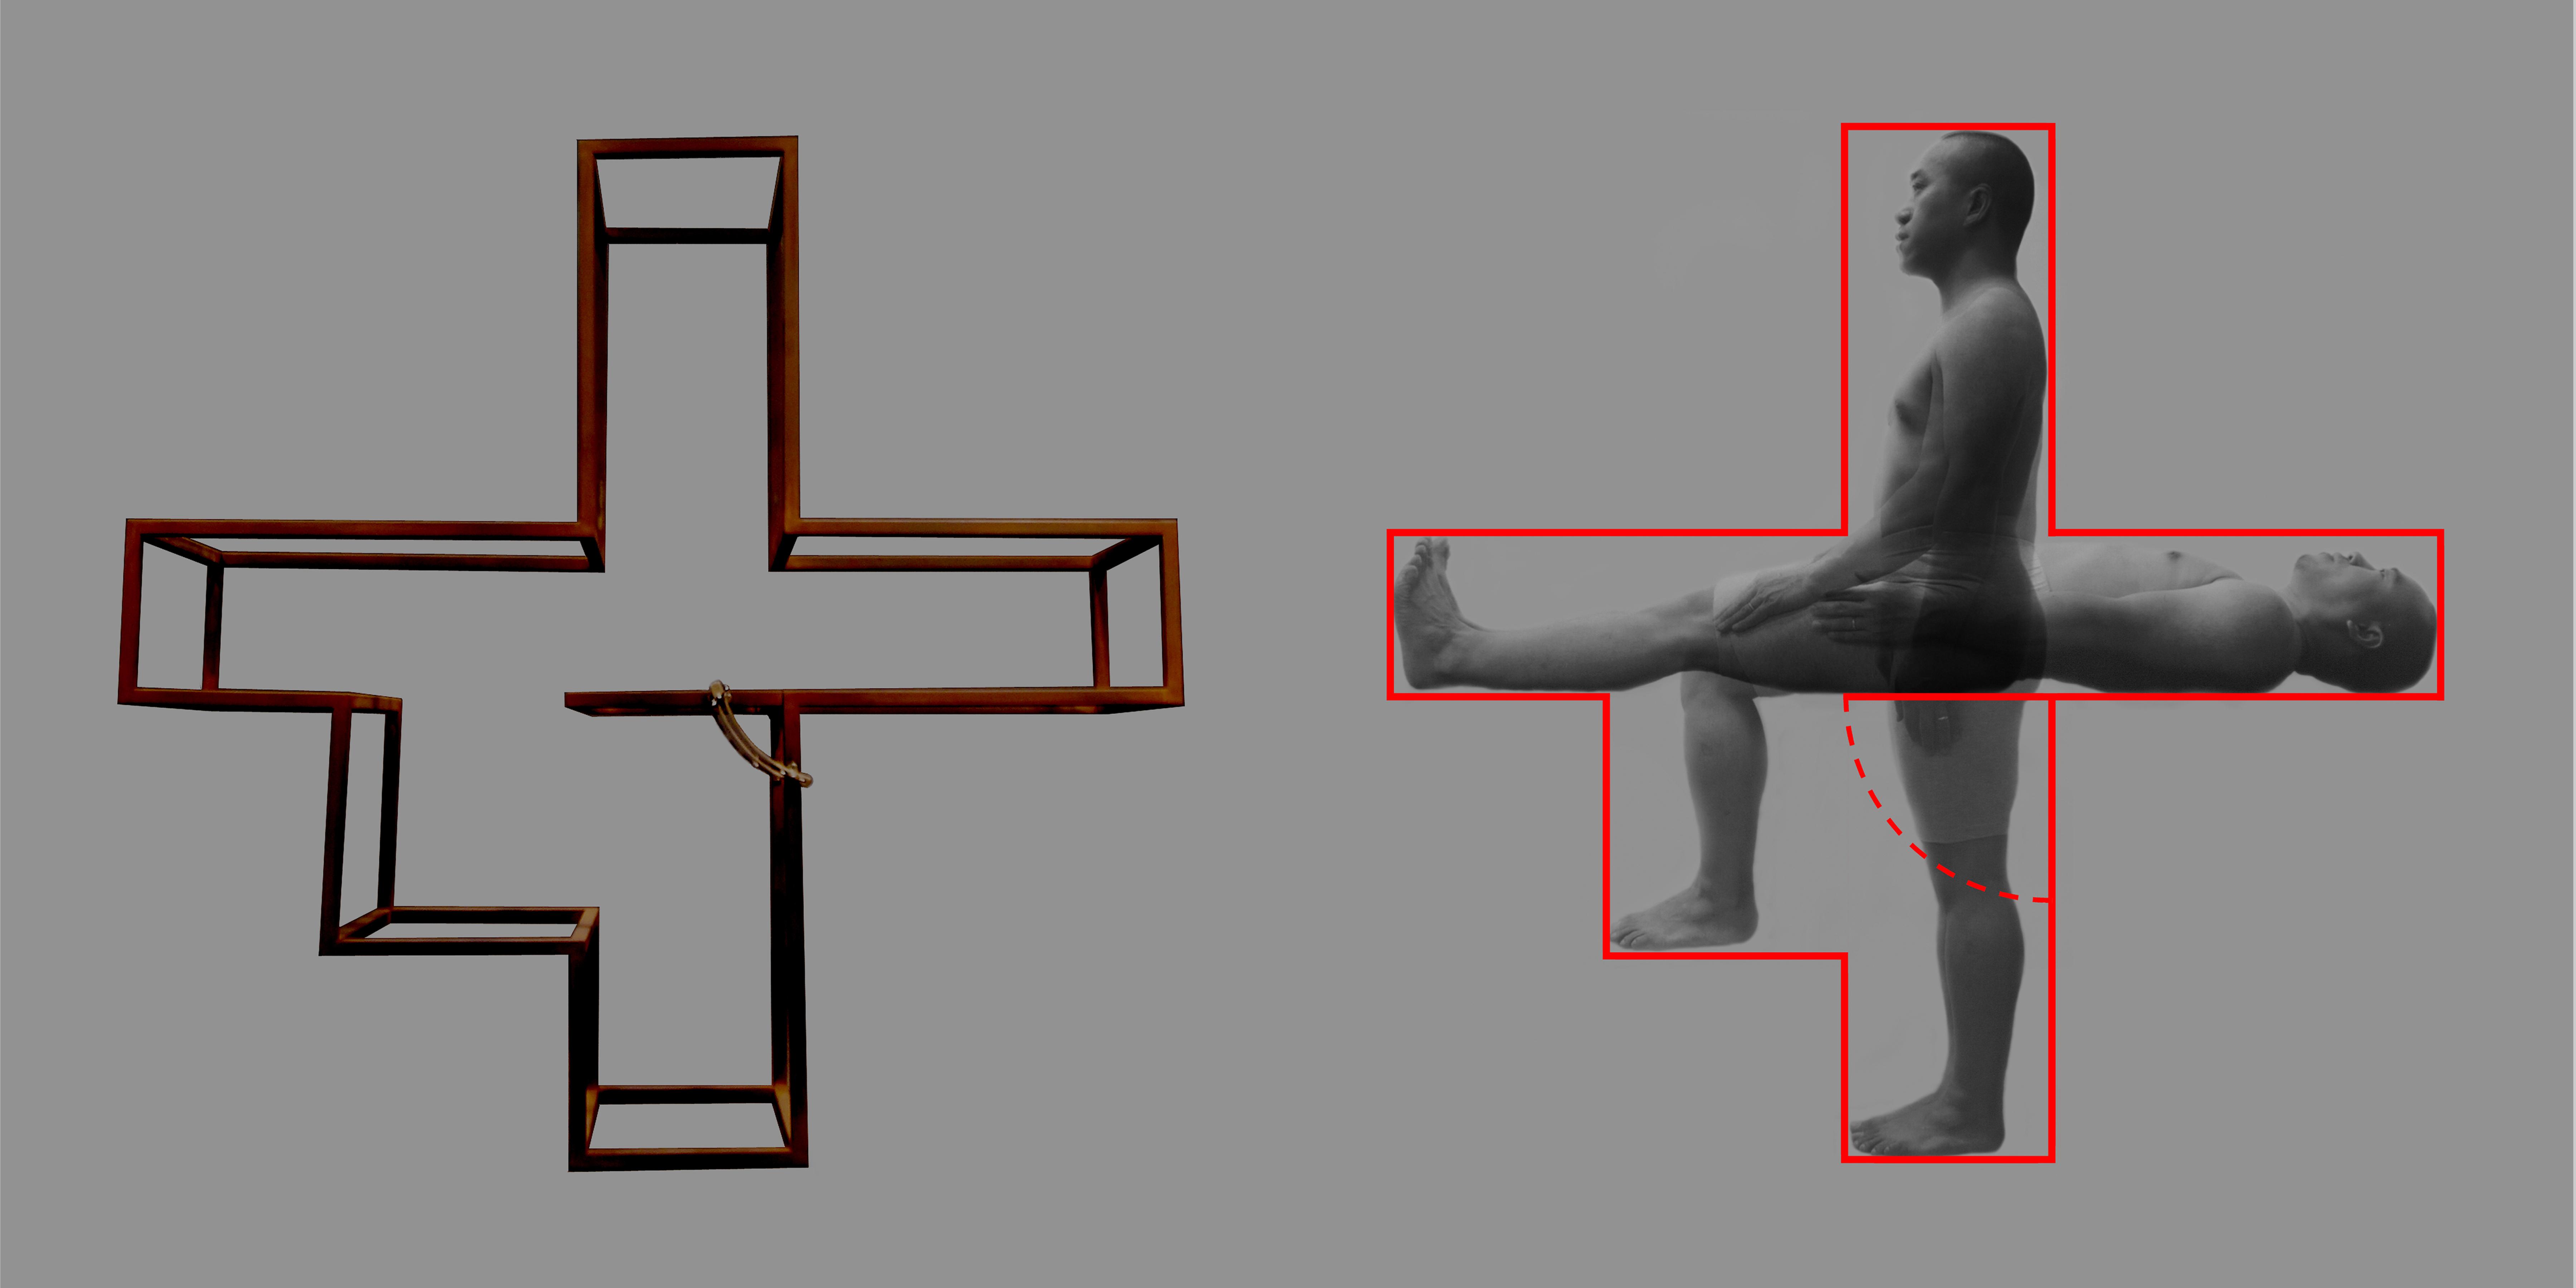 坐/立/卧 Sit/Stand/Lie 鋼雕塑 Steel sculpt